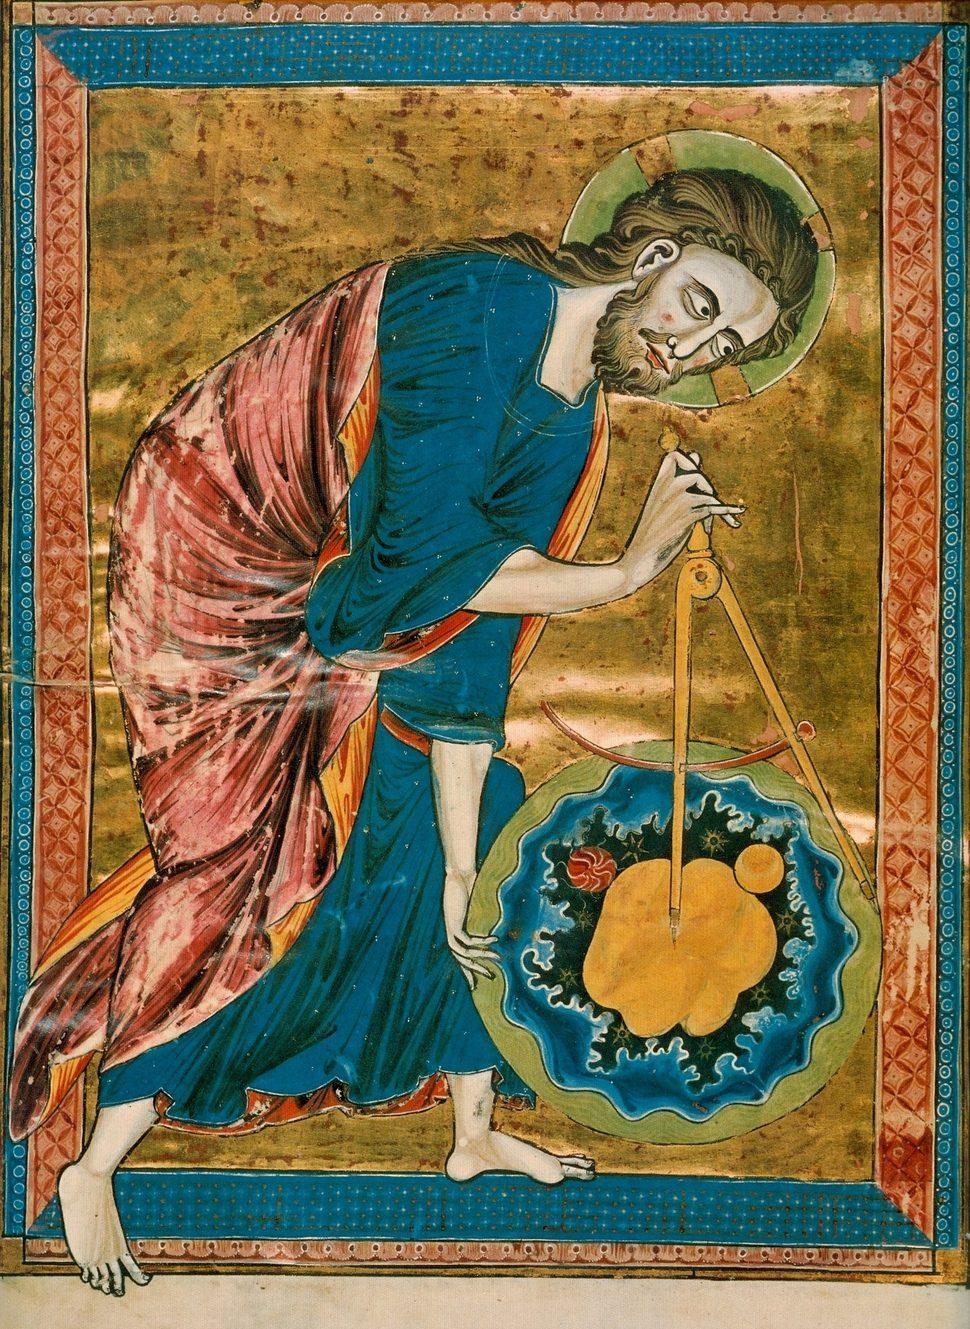 그림2. 오스트리아 국립도서관이 소장한 13세기 성서의 표지 삽화.